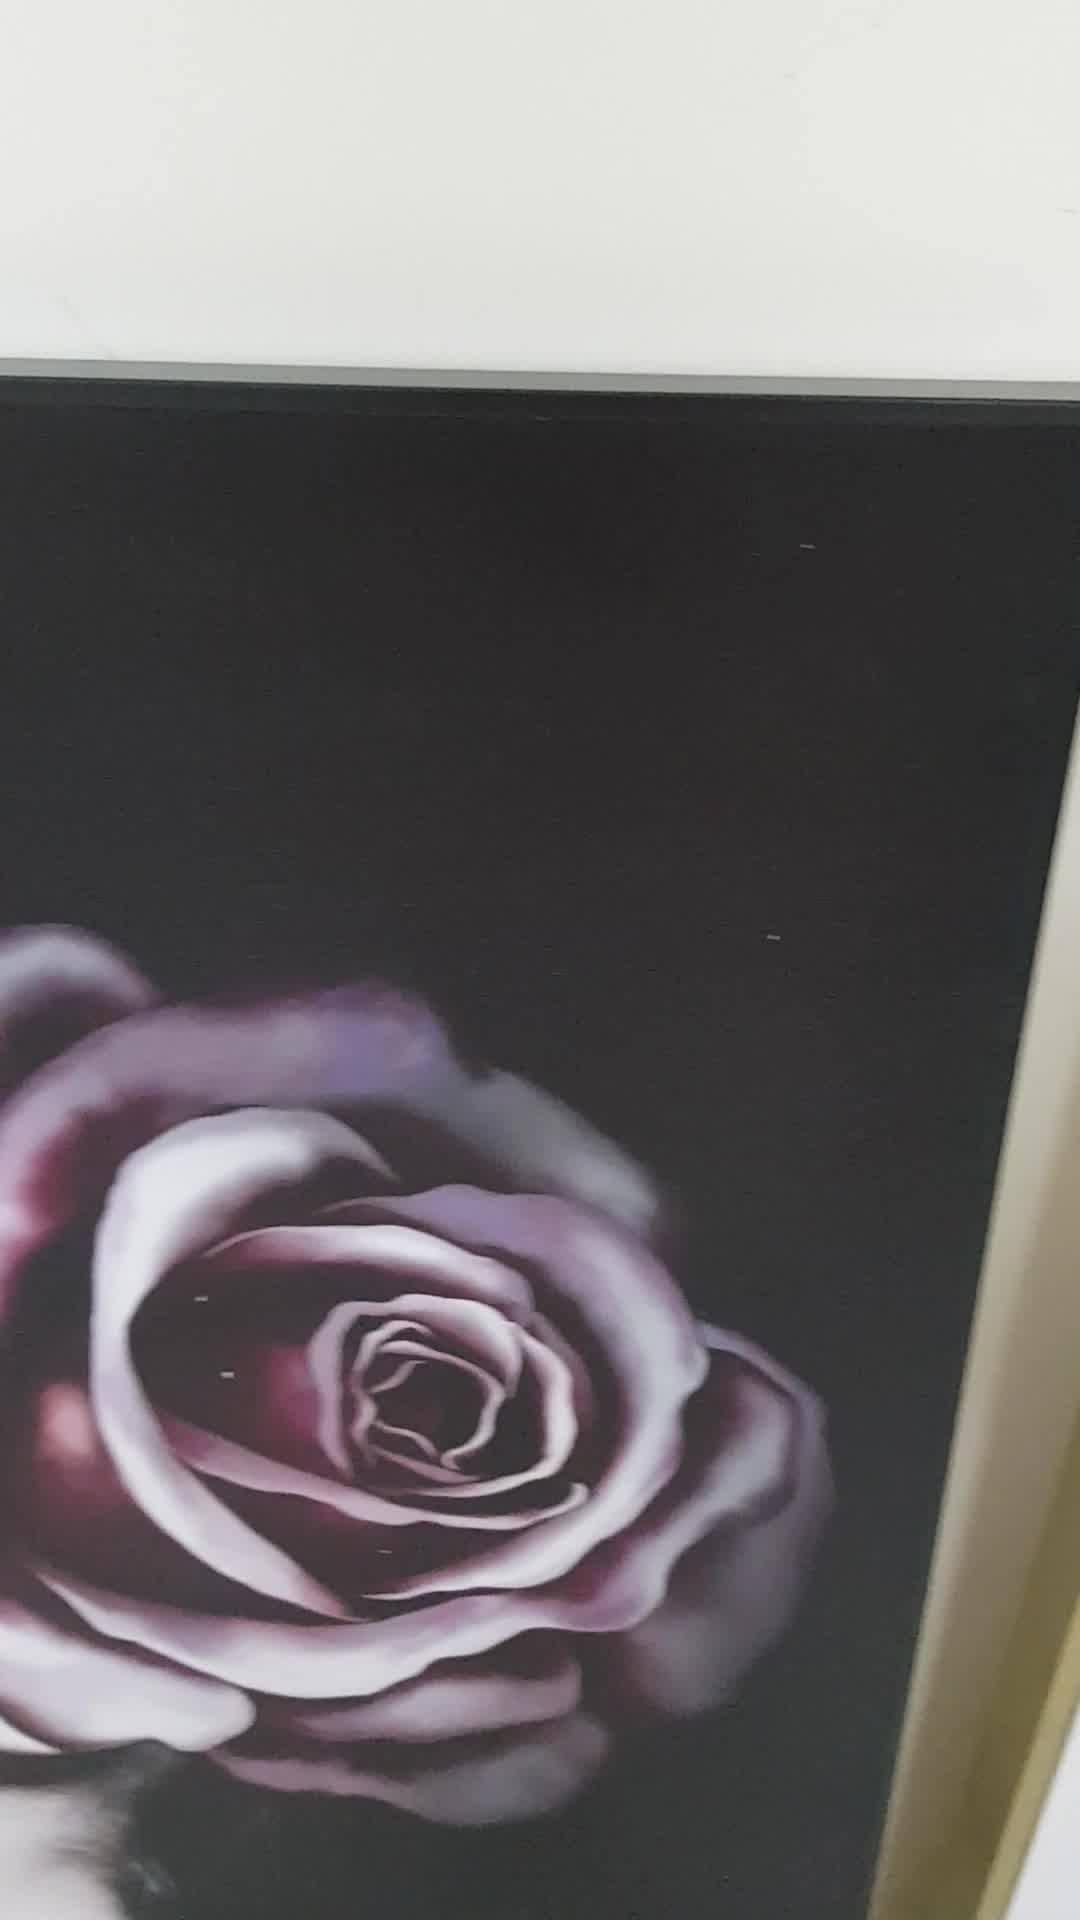 Desenho De Uma Mulher Com O Cabelo Em Formato De Rosa, Que Maravilha!